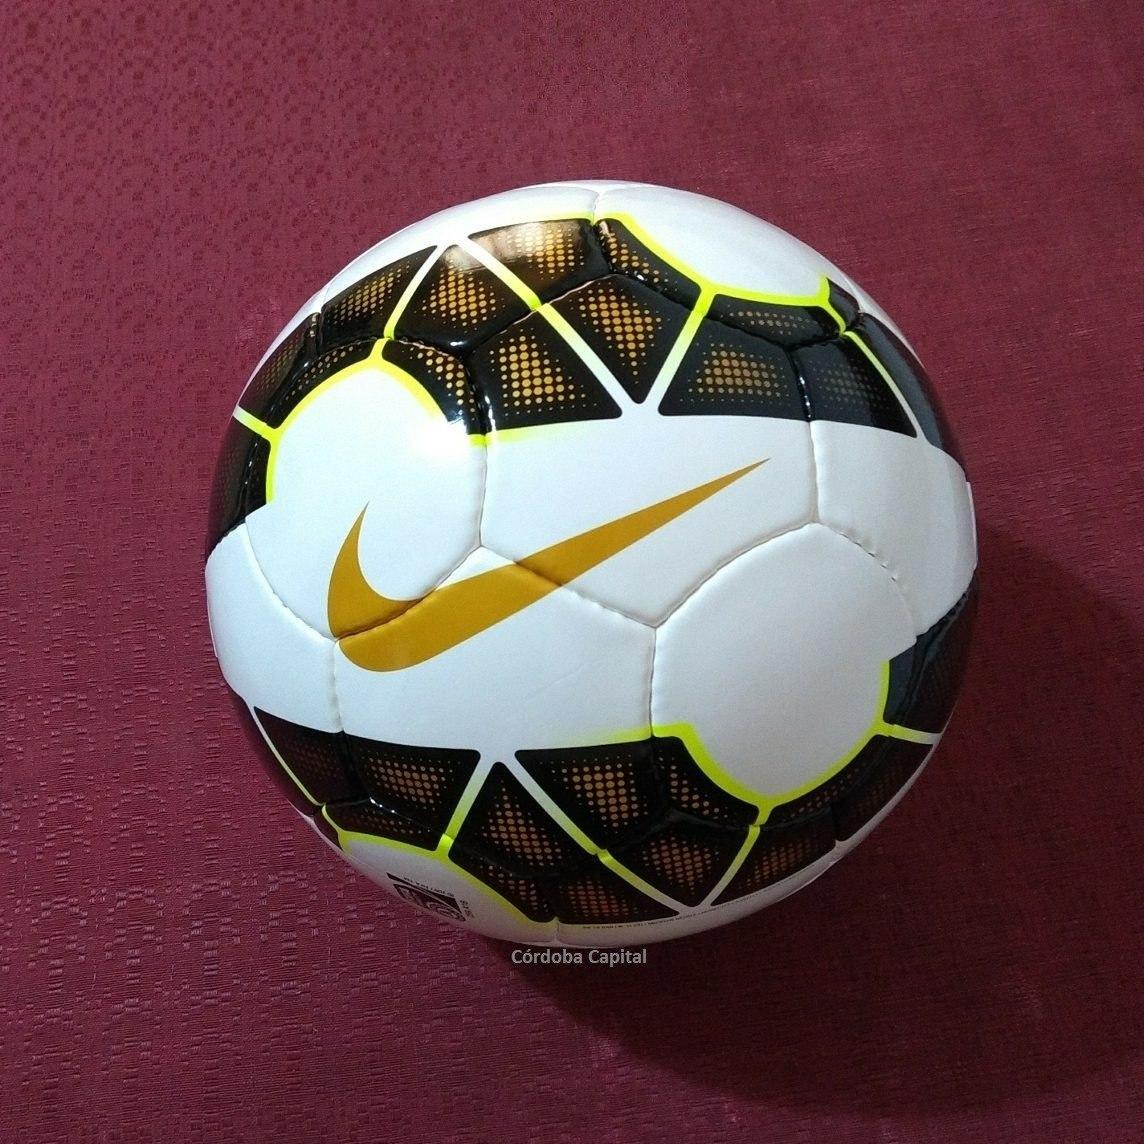 9c5c55beda8ad Pelota futbol nike premier liga honduras oficial jpg 1144x1144 Balon  oficial de la liga hondurena